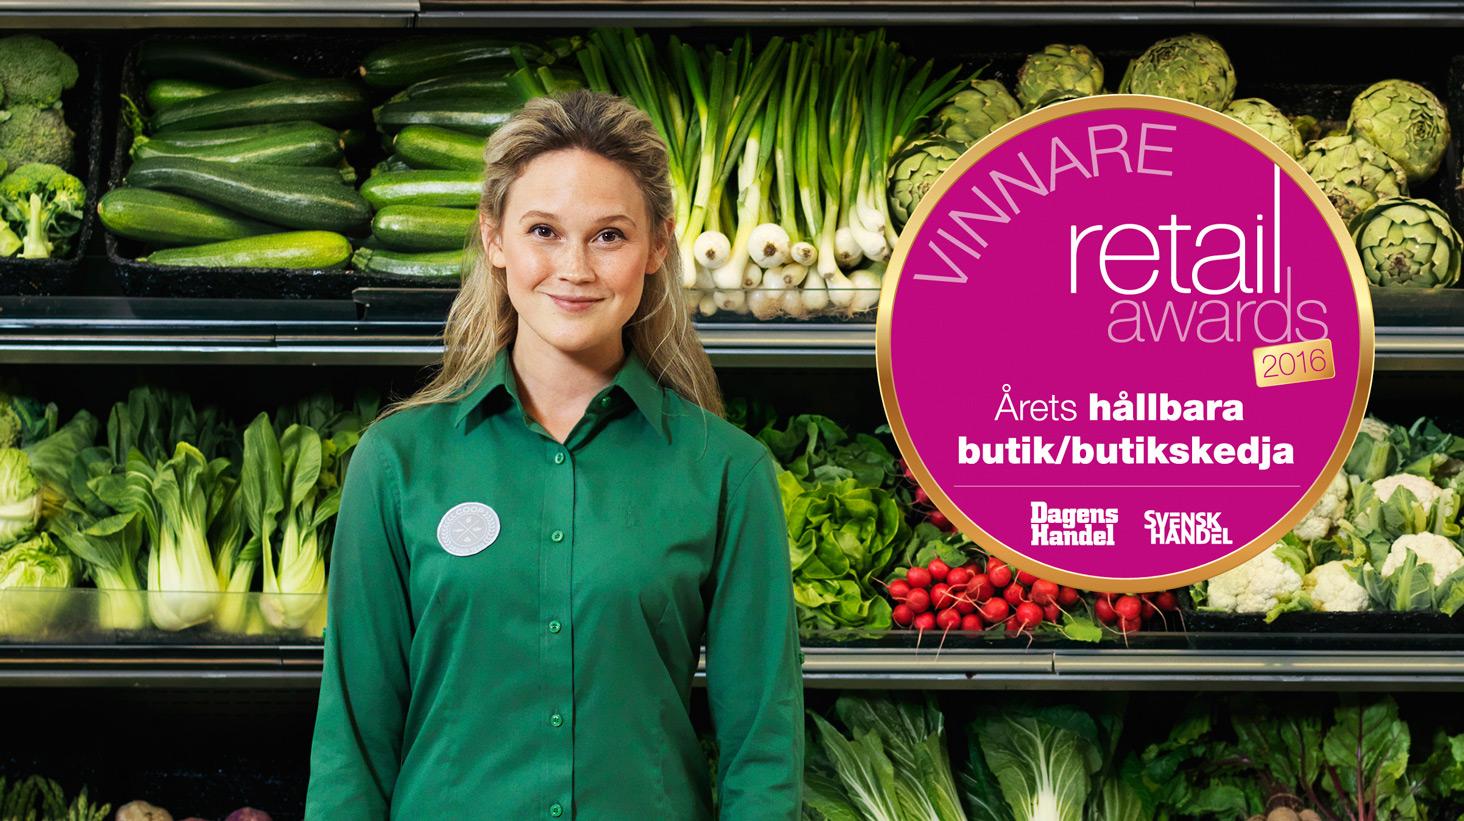 Coop är årets hållbara butikskedja